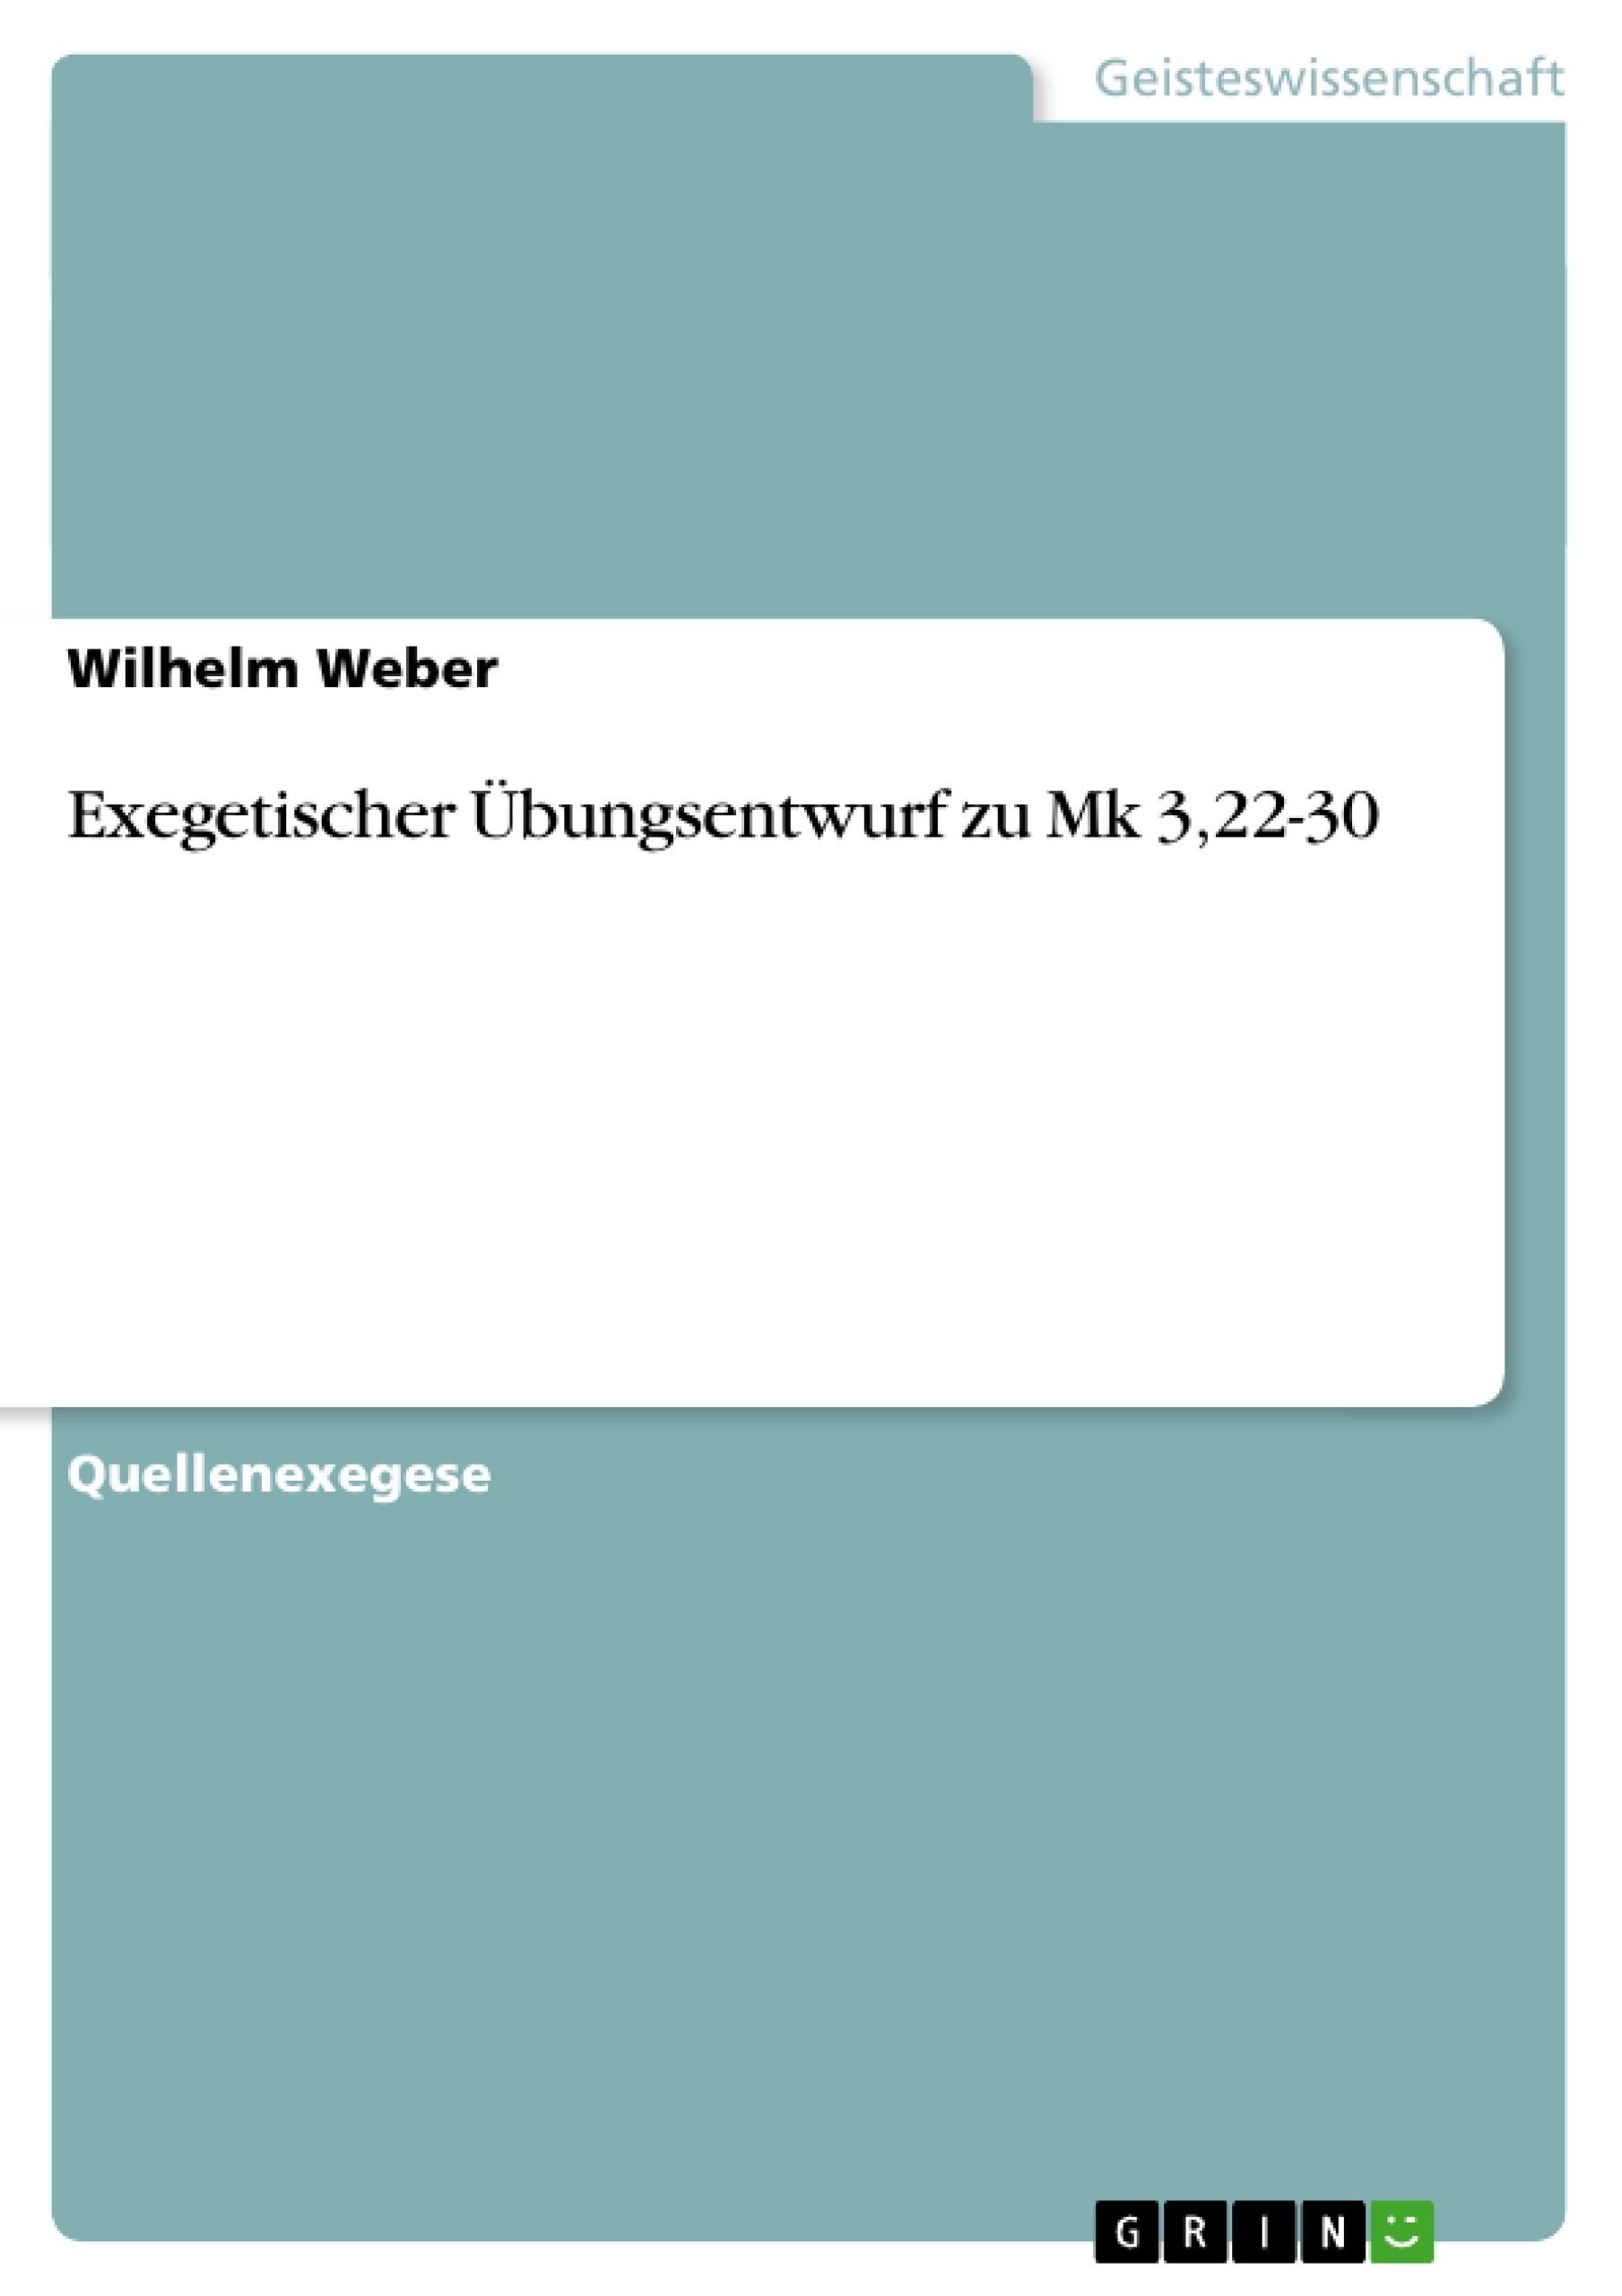 Titel: Exegetischer Übungsentwurf zu Mk 3,22-30